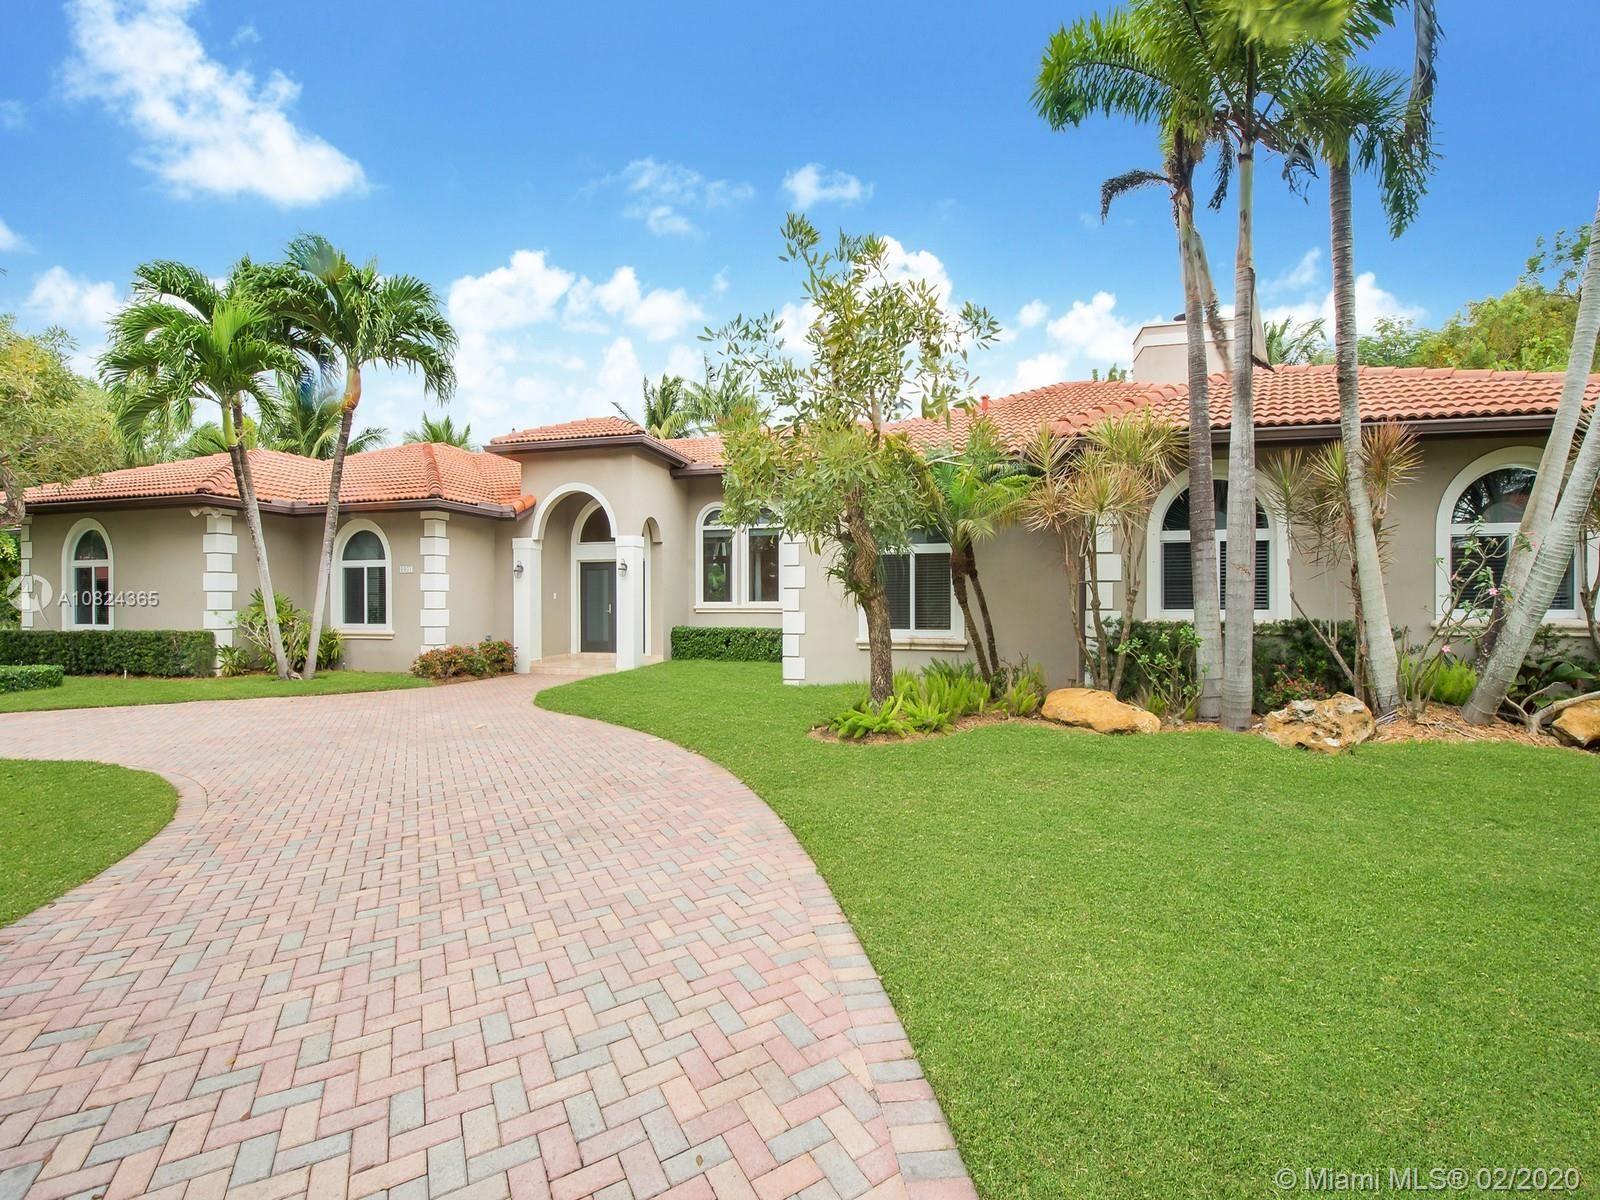 9901 SW 147th St, Miami, FL 33176 - #: A10824365